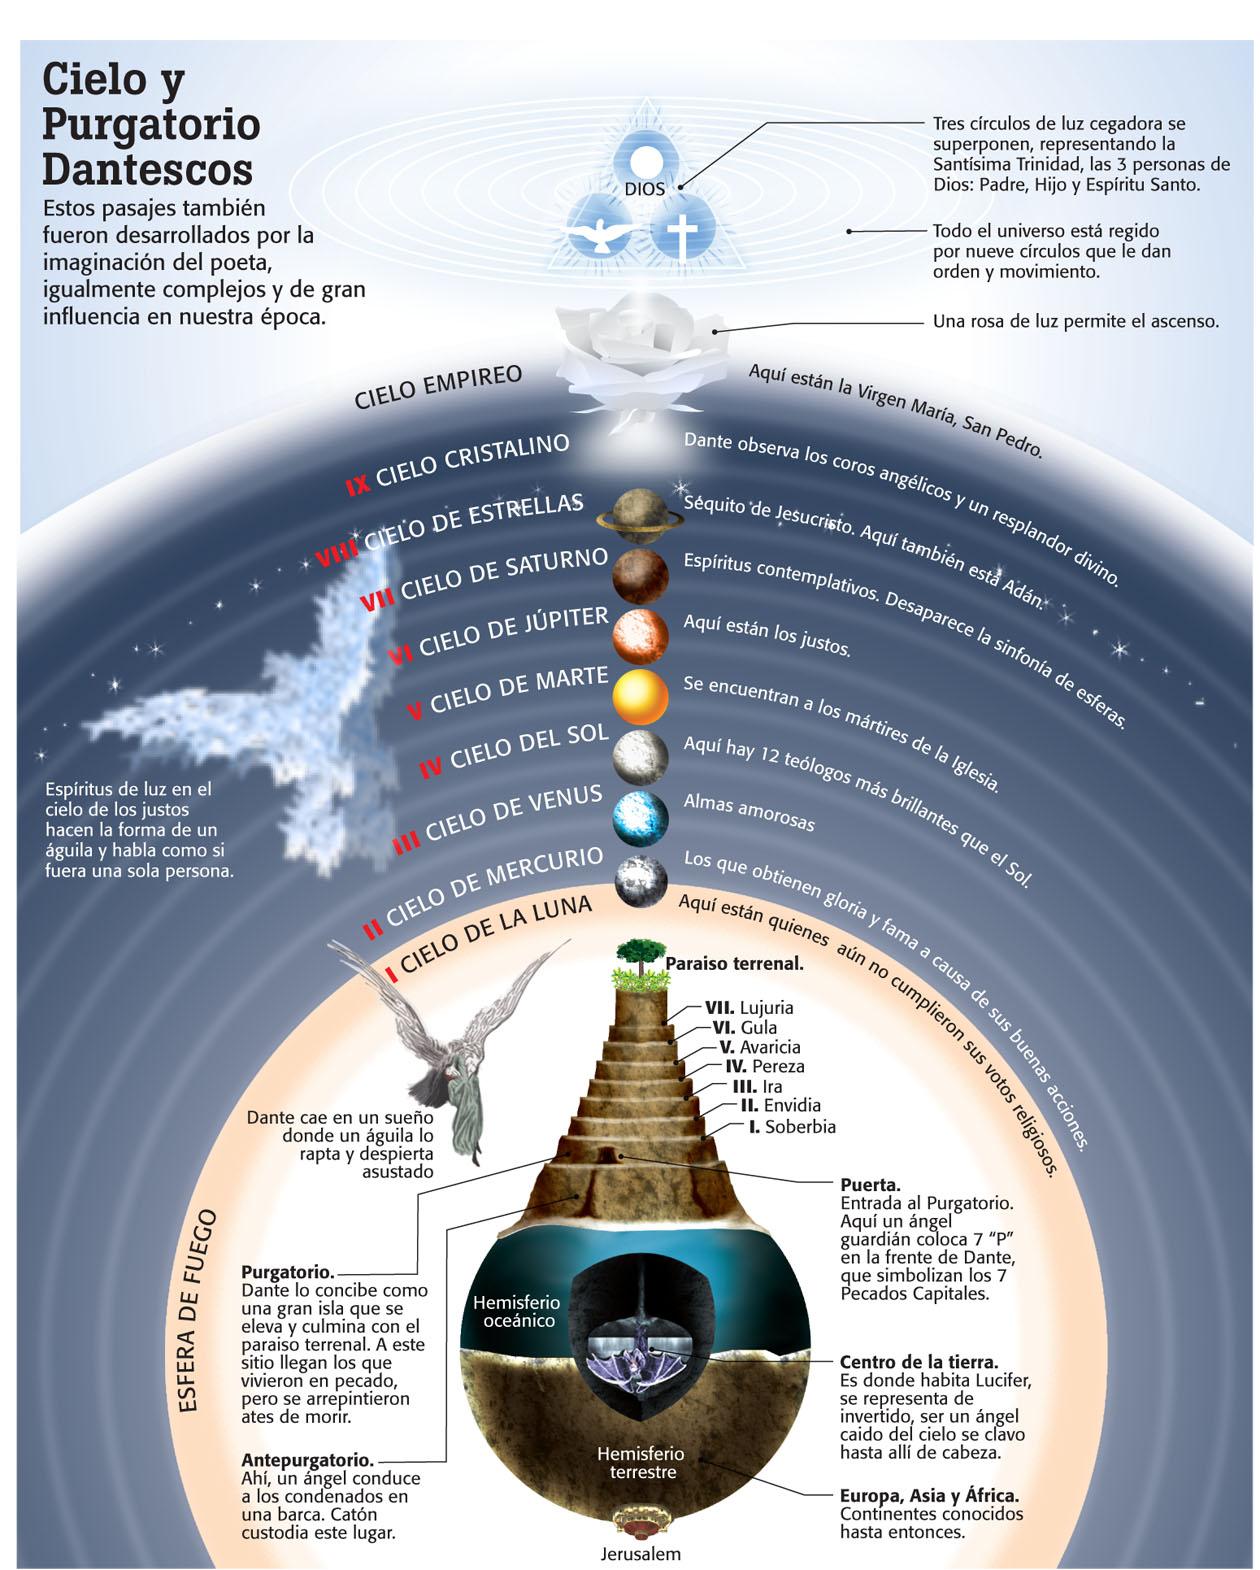 Profe Richard 2.0: Infografías sobre La divina comedia